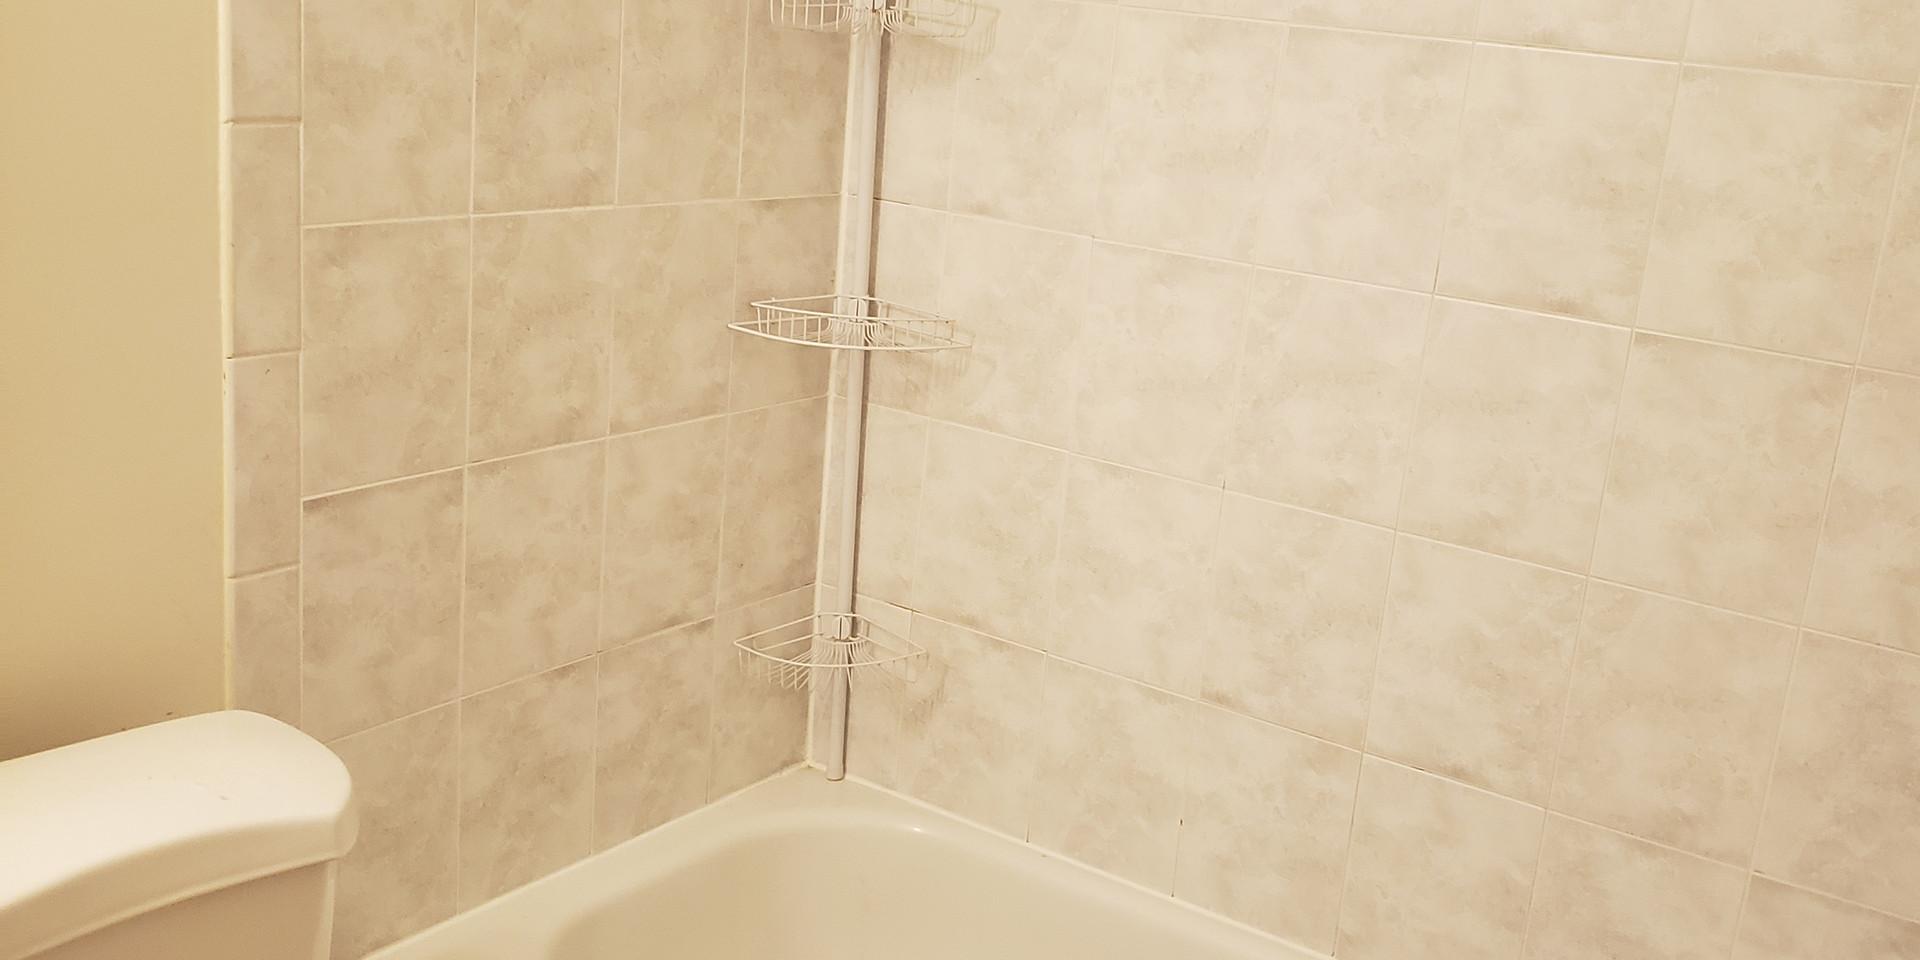 250 Bathroom